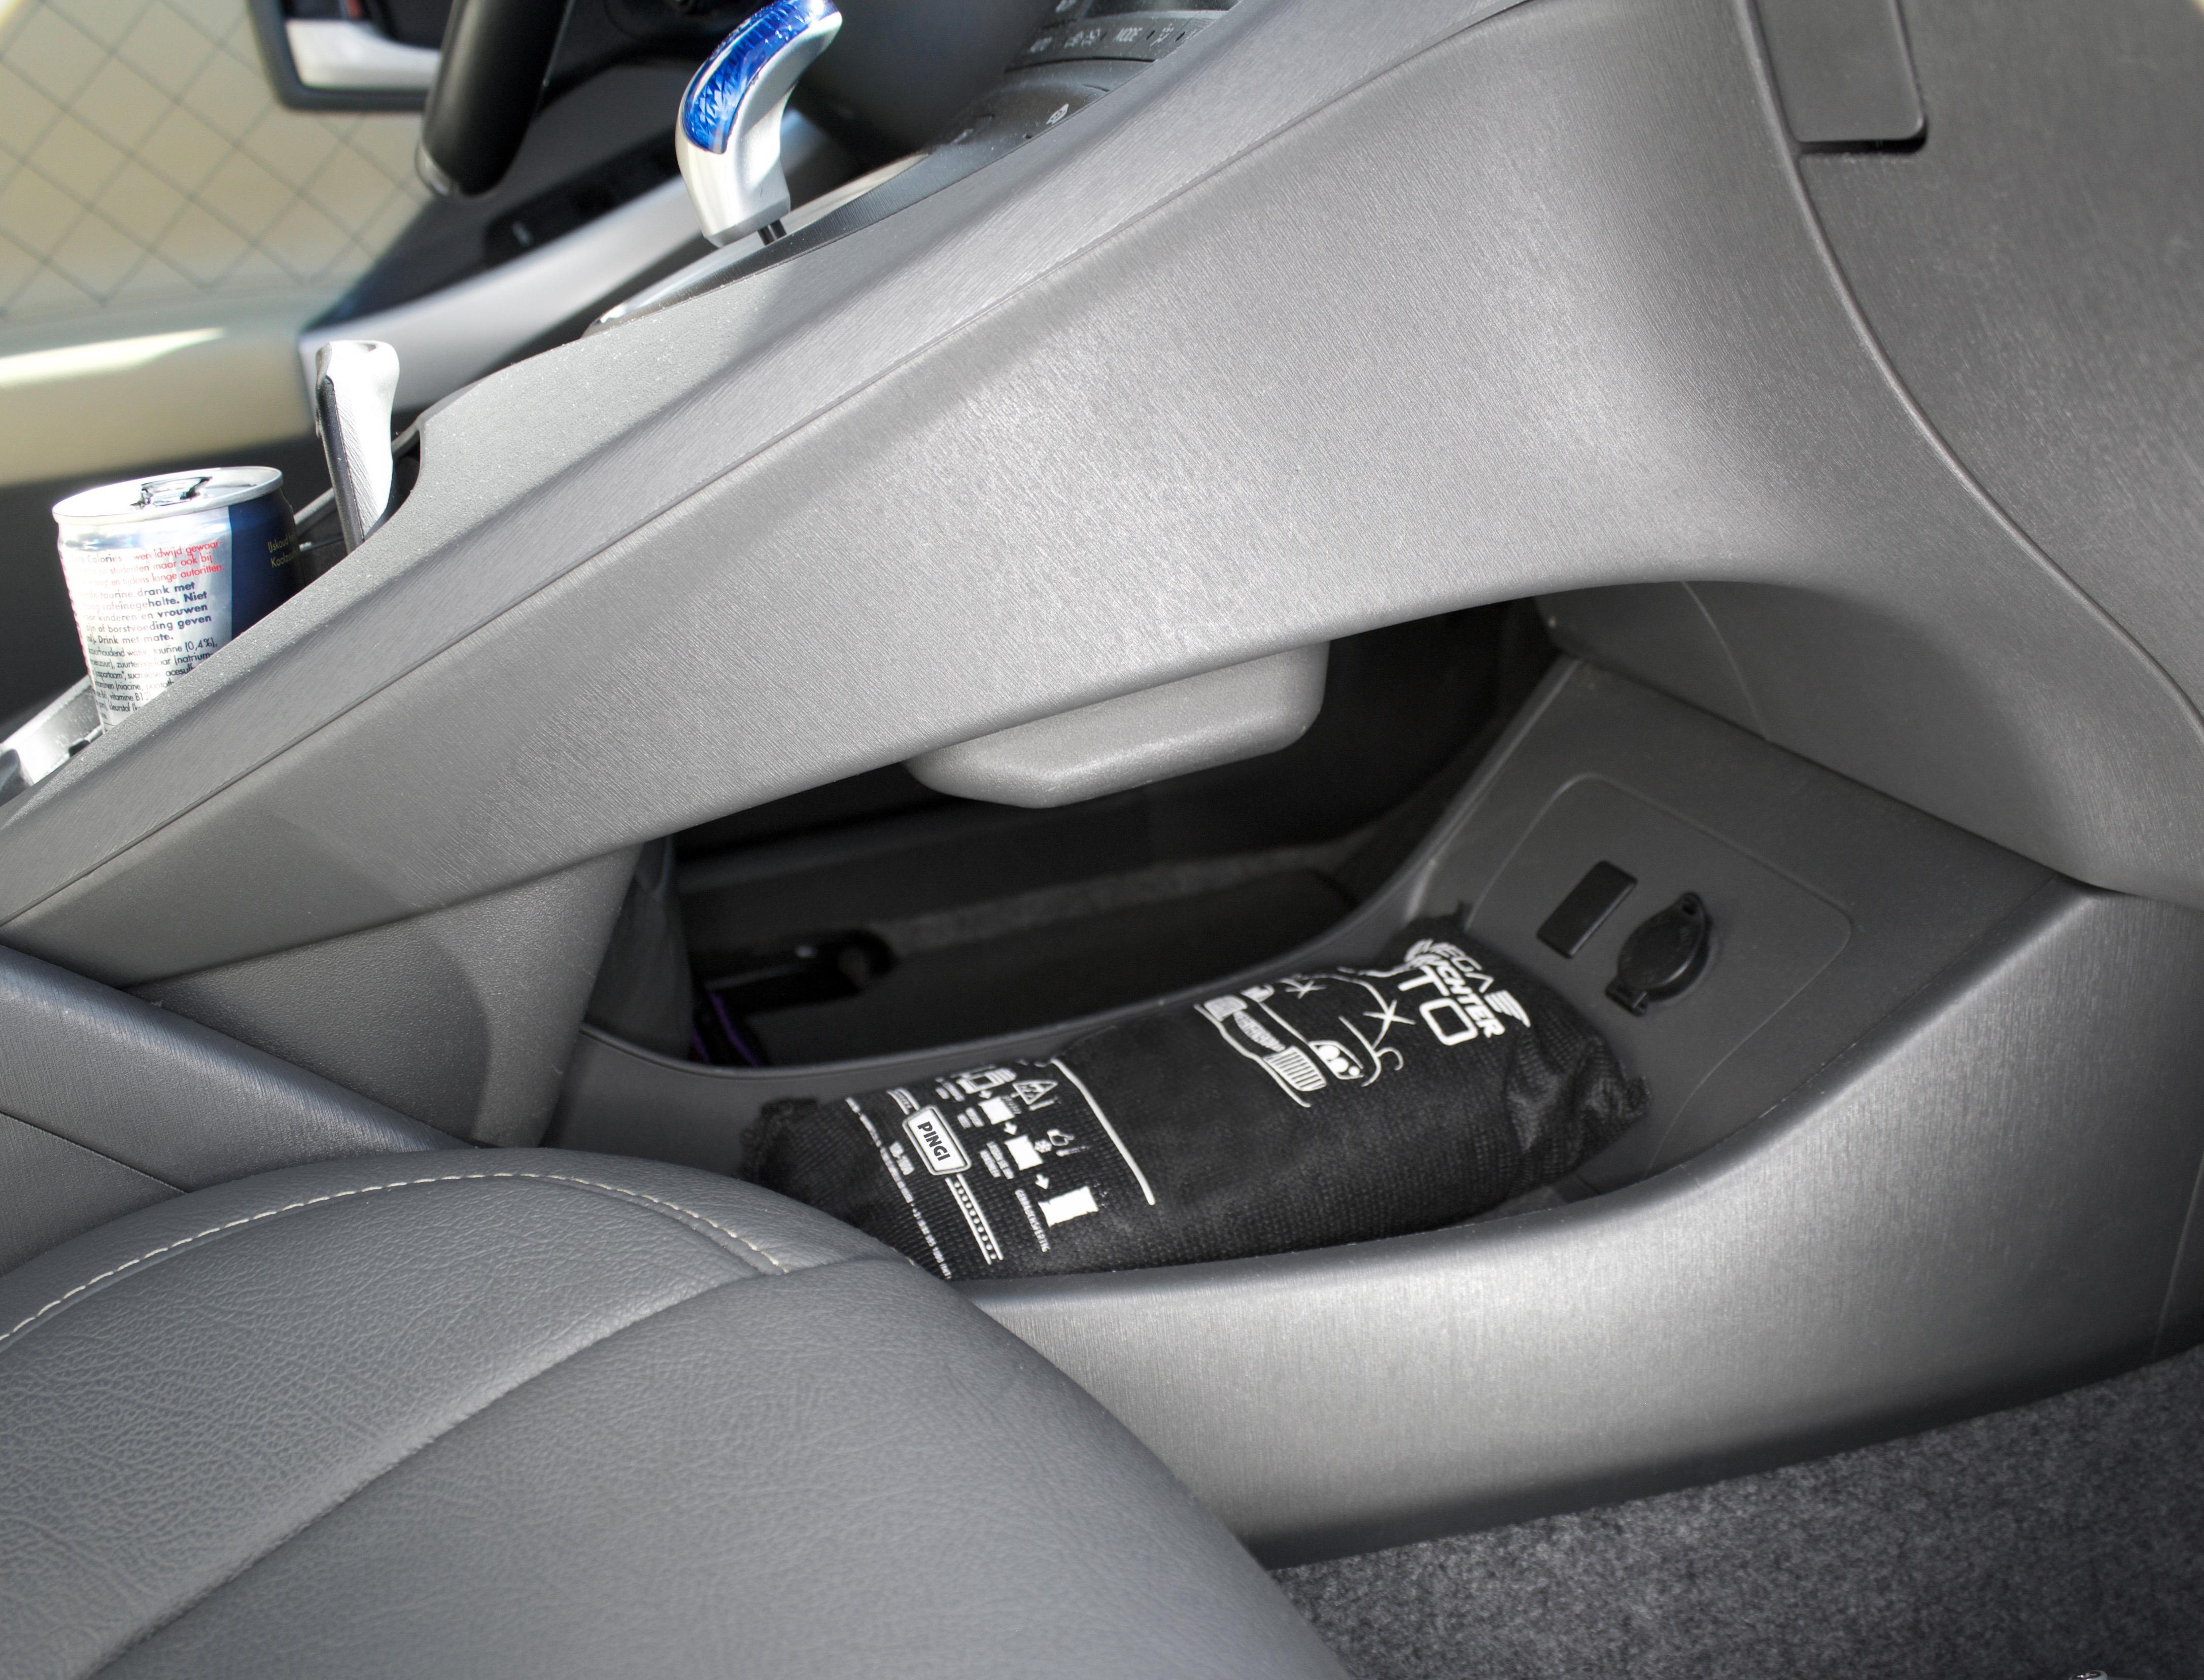 Car dehumidifier PINGI ASB-1000-DE expert knowledge